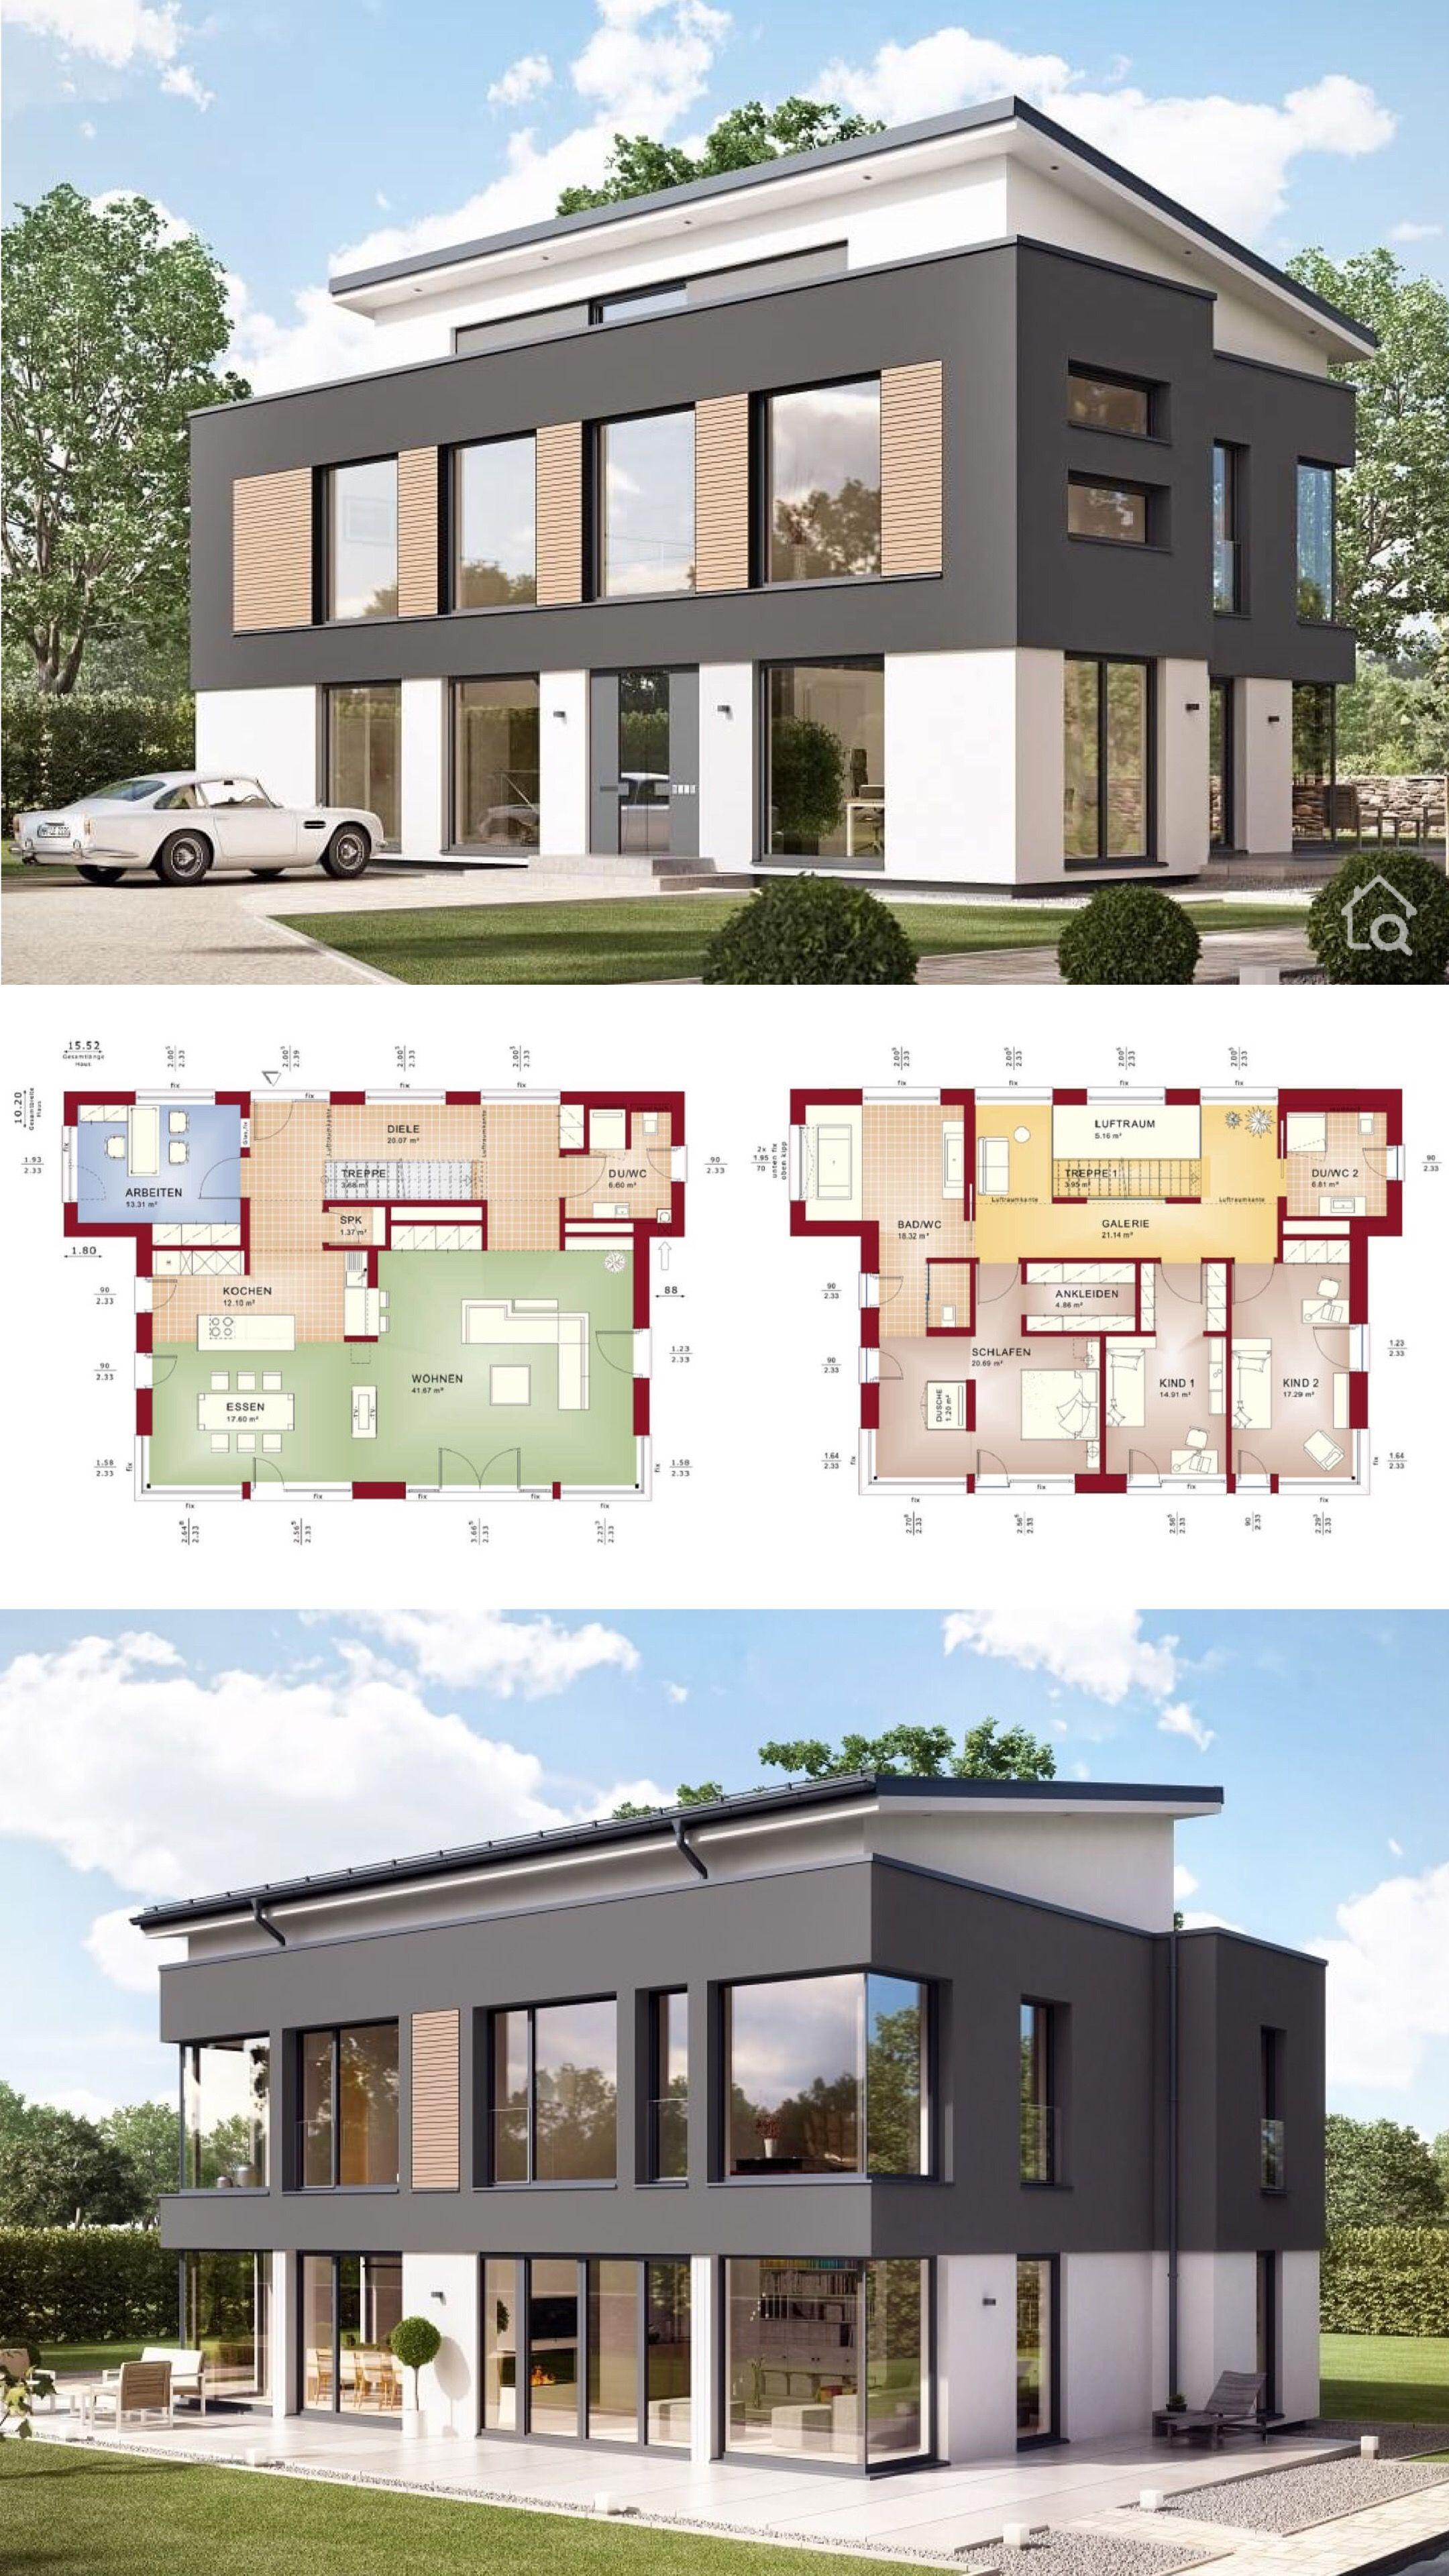 28+ Haus mit galerie modern 2021 ideen